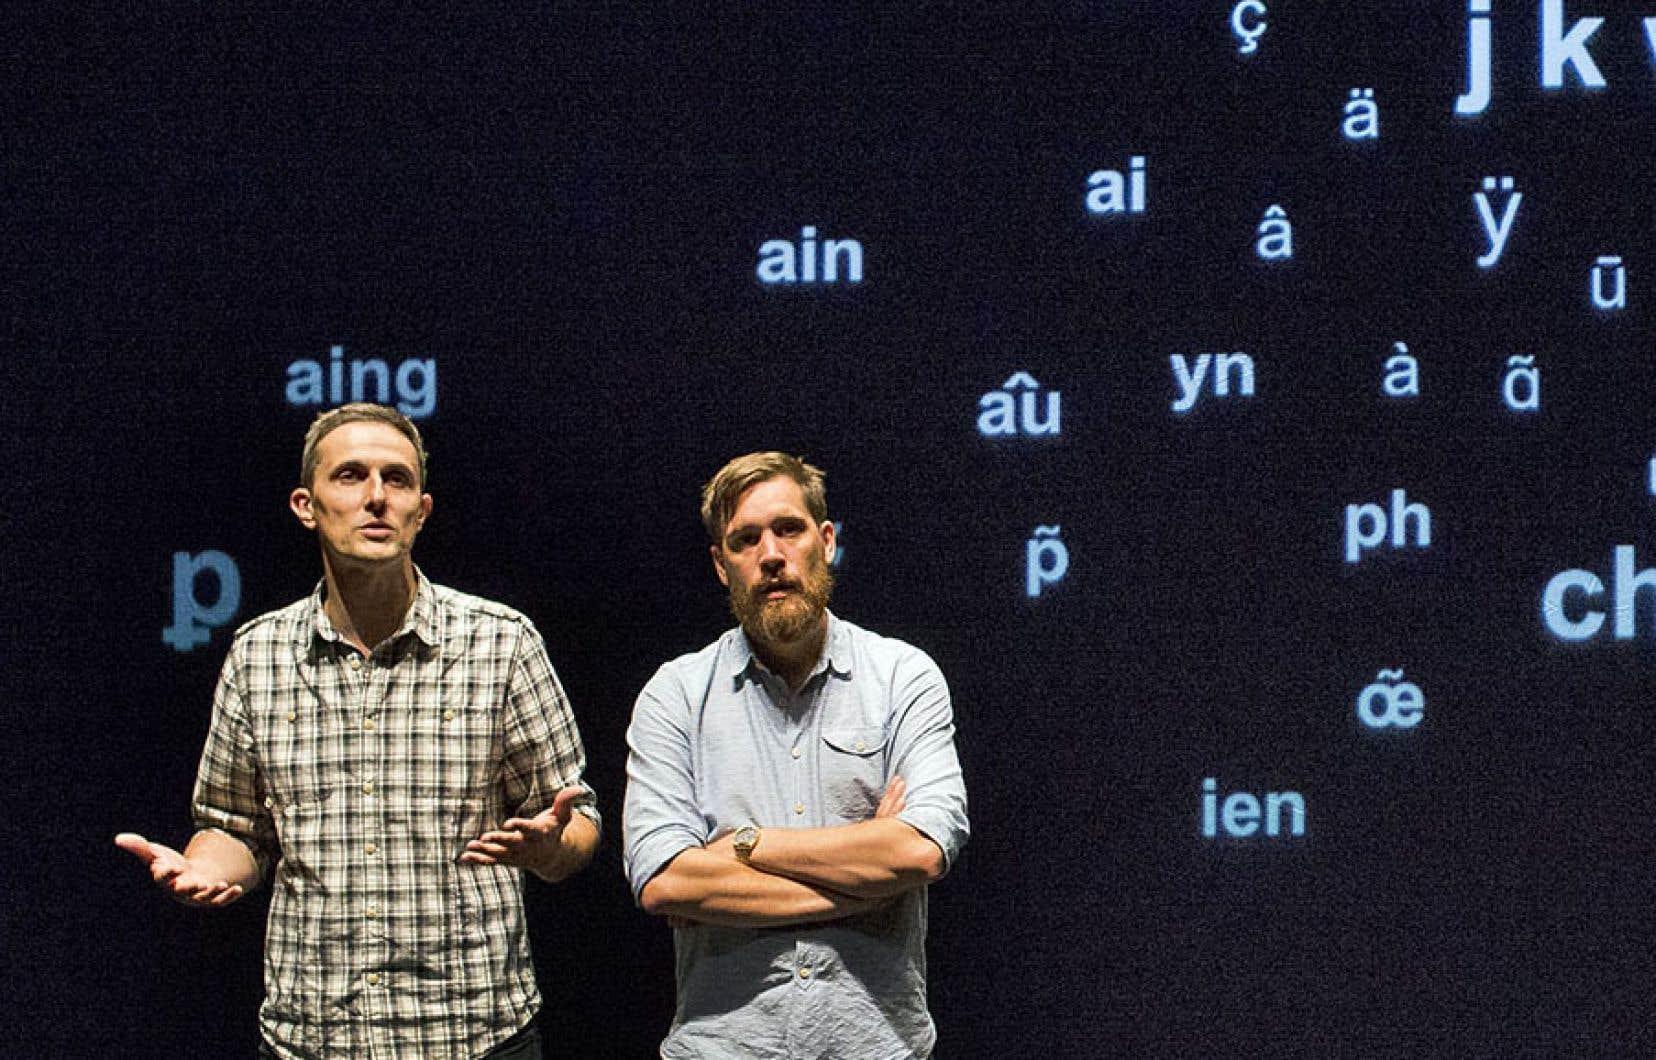 Les professeus Arnaud Hoedt et Jérôme Piron mettent en relief les absurdités de l'orthographe.